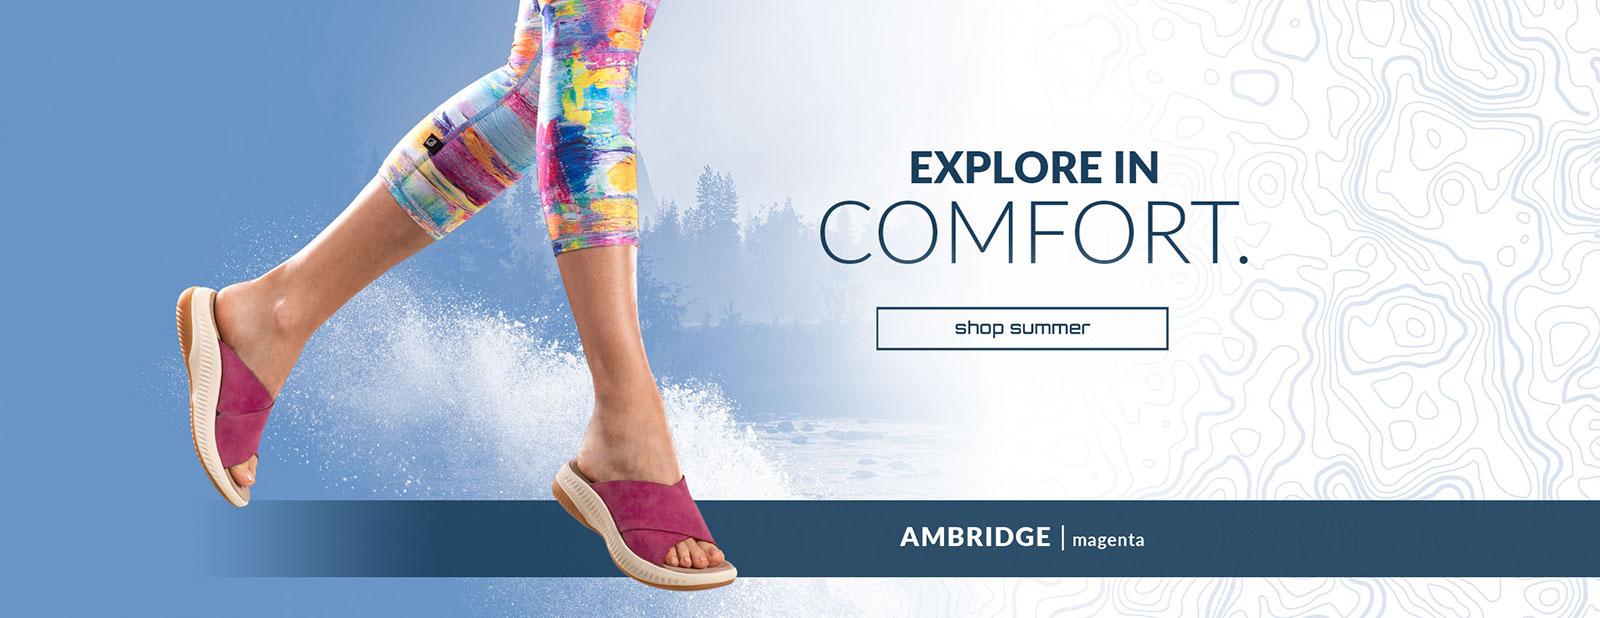 Explore in Comfort. Shop summer. Ambridge Sandal in Magenta. Shop women's new arrivals.